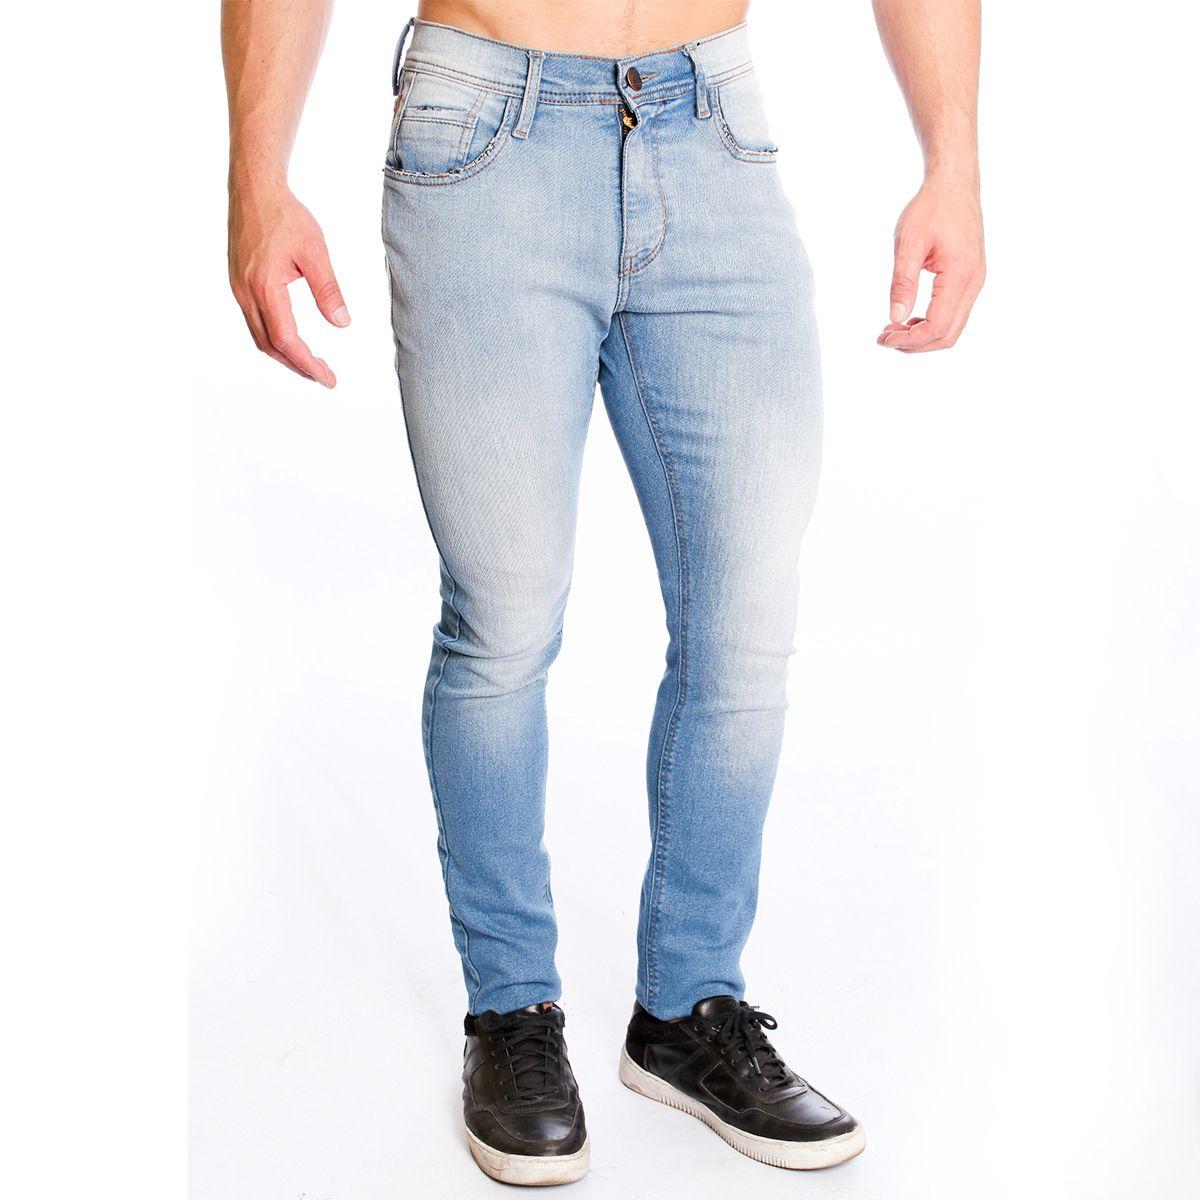 Calça Masculina Jeans Gangster 19.33.0175